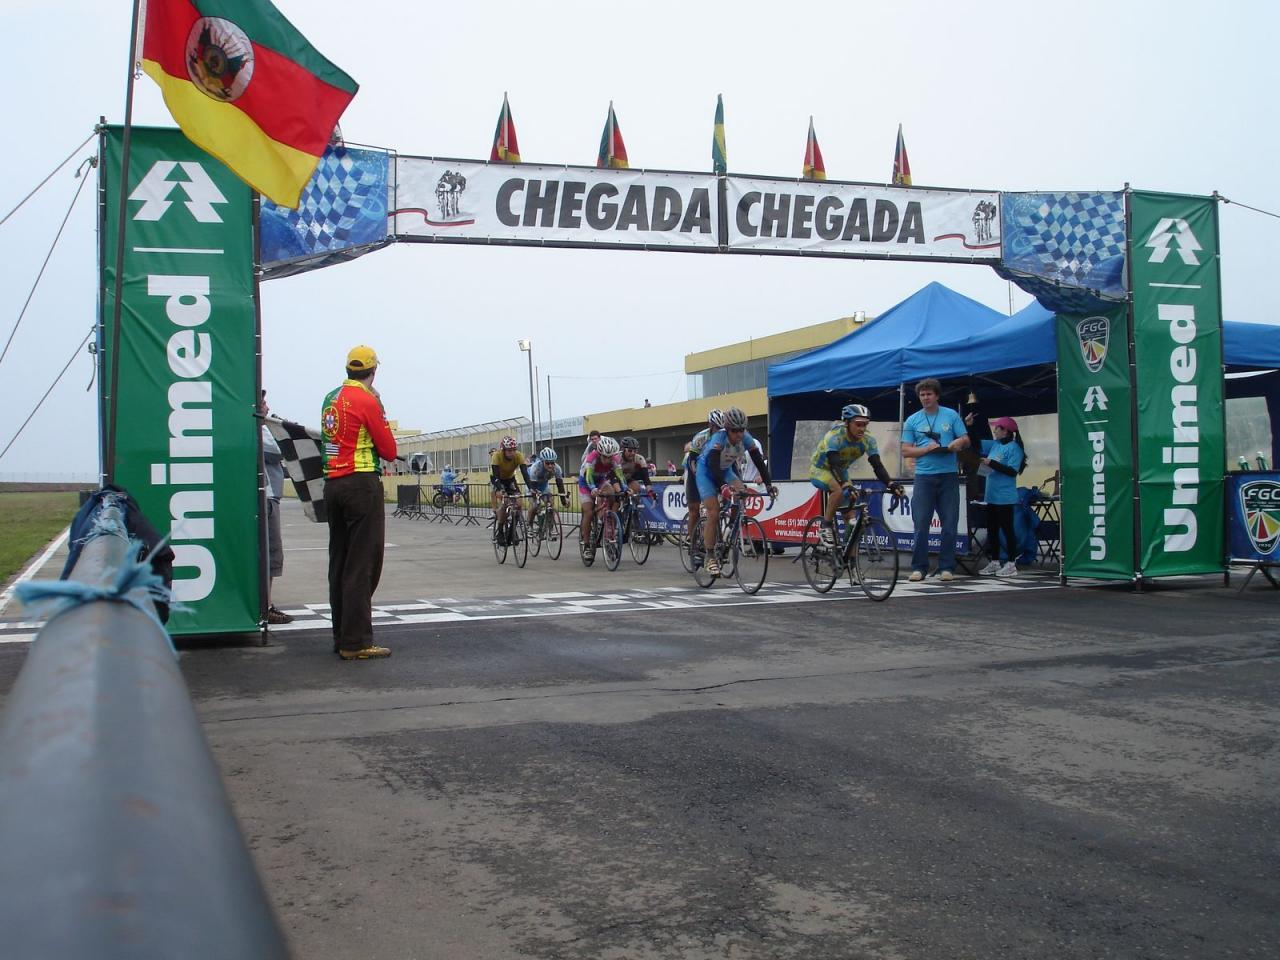 II Copa Unimed de Ciclismo, em 2010 | foto divulgação